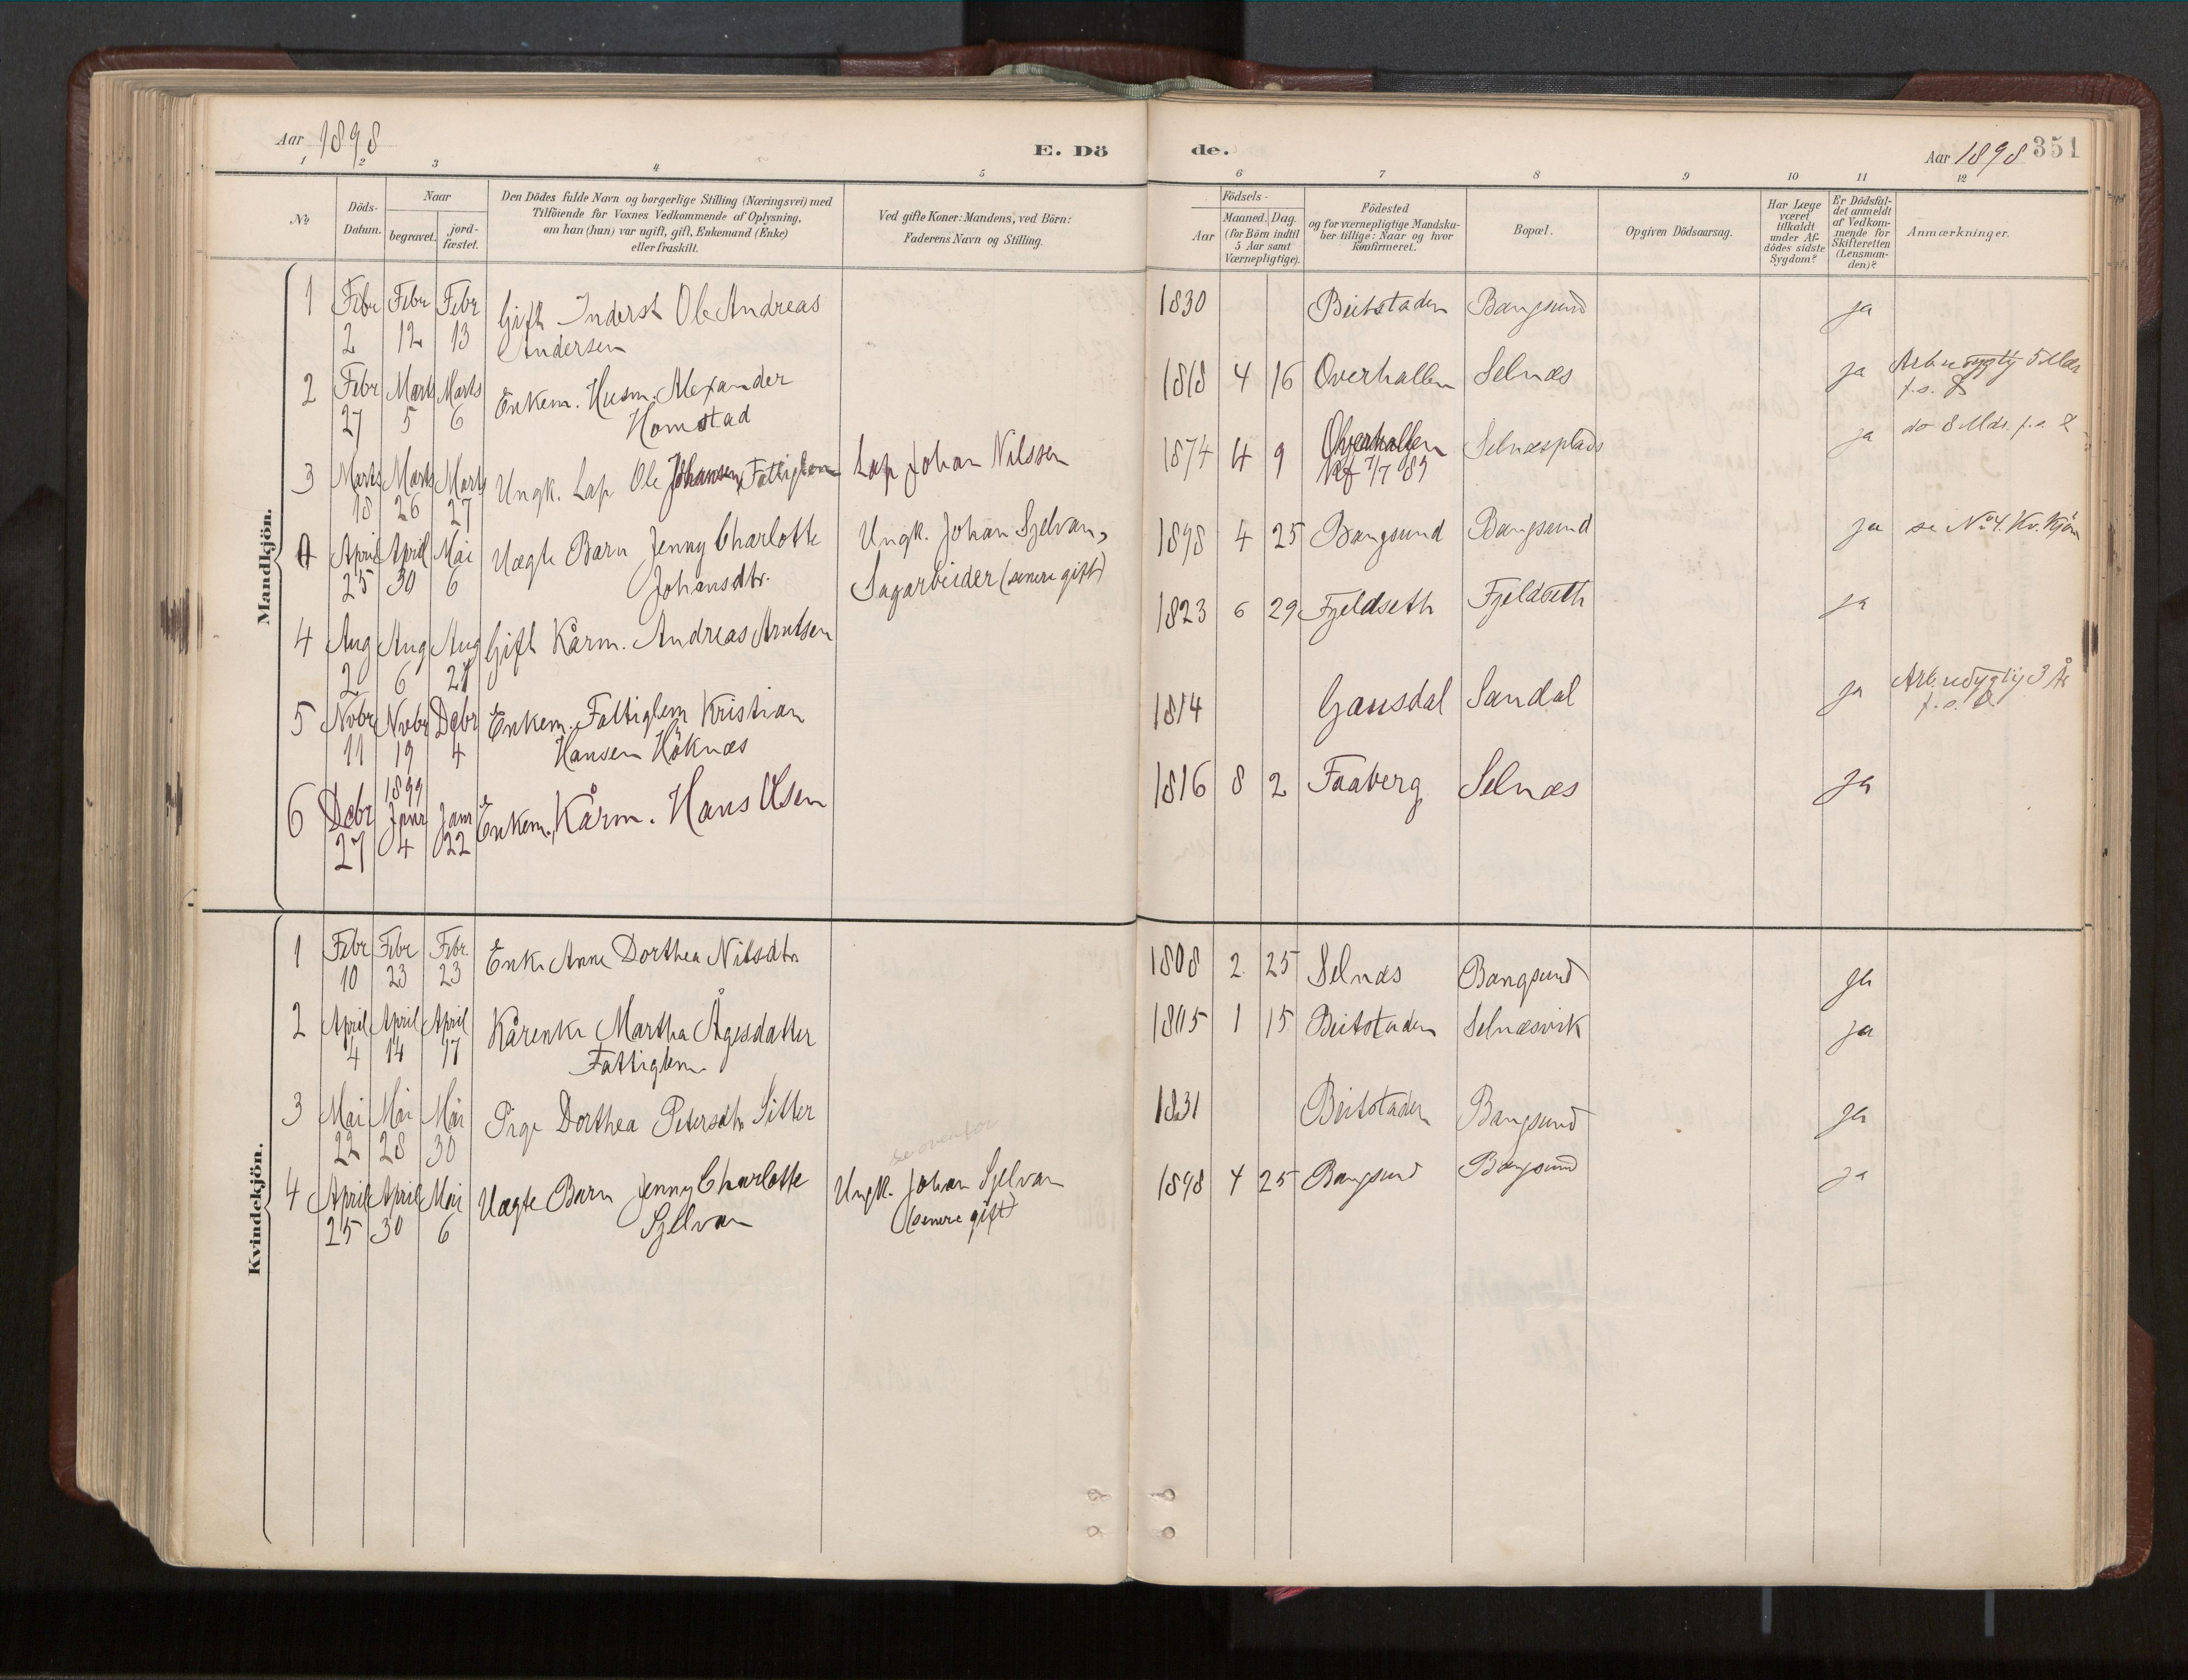 SAT, Ministerialprotokoller, klokkerbøker og fødselsregistre - Nord-Trøndelag, 770/L0589: Ministerialbok nr. 770A03, 1887-1929, s. 351